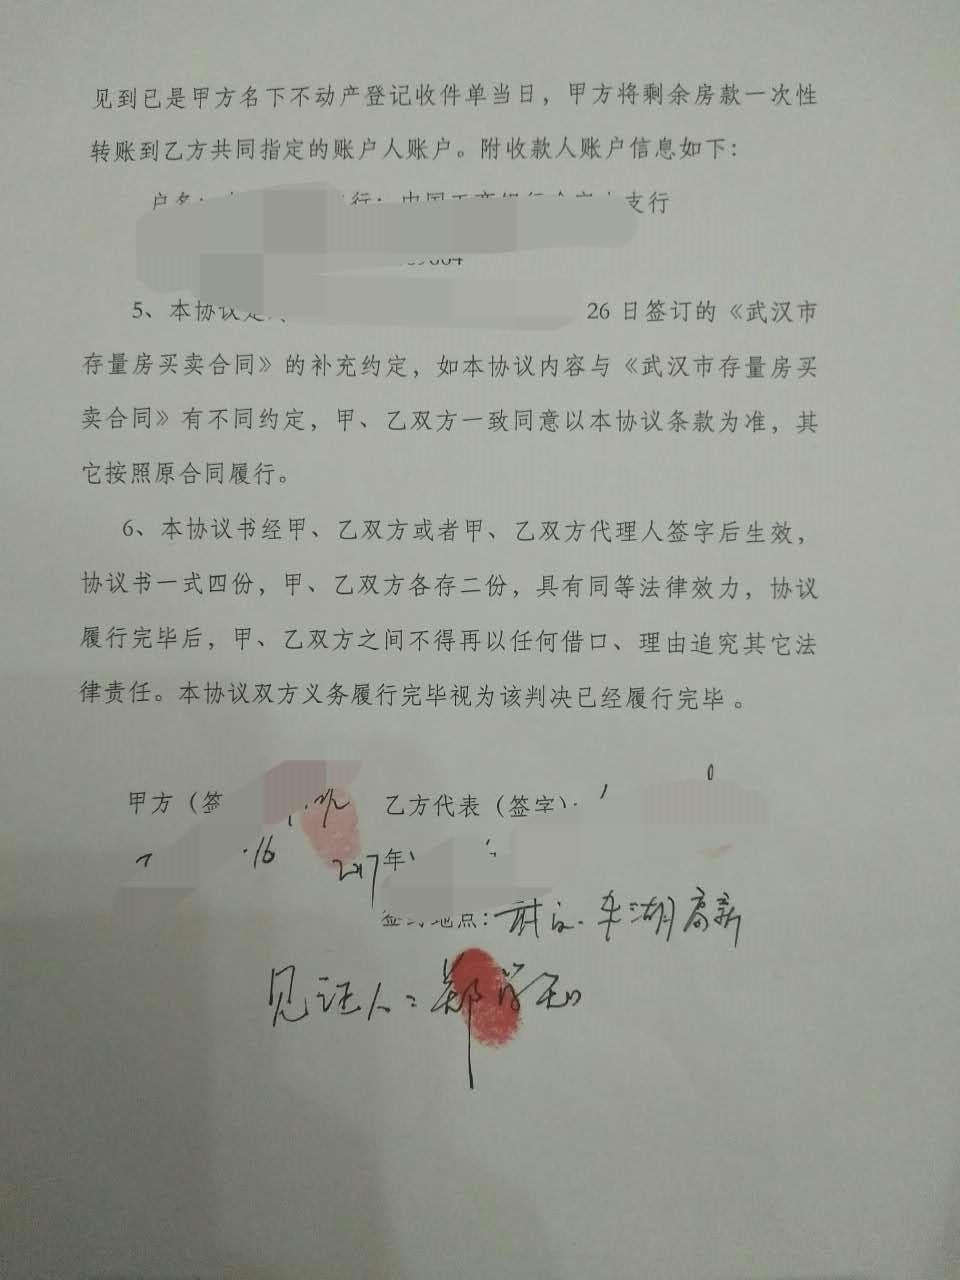 白洁婷协议2